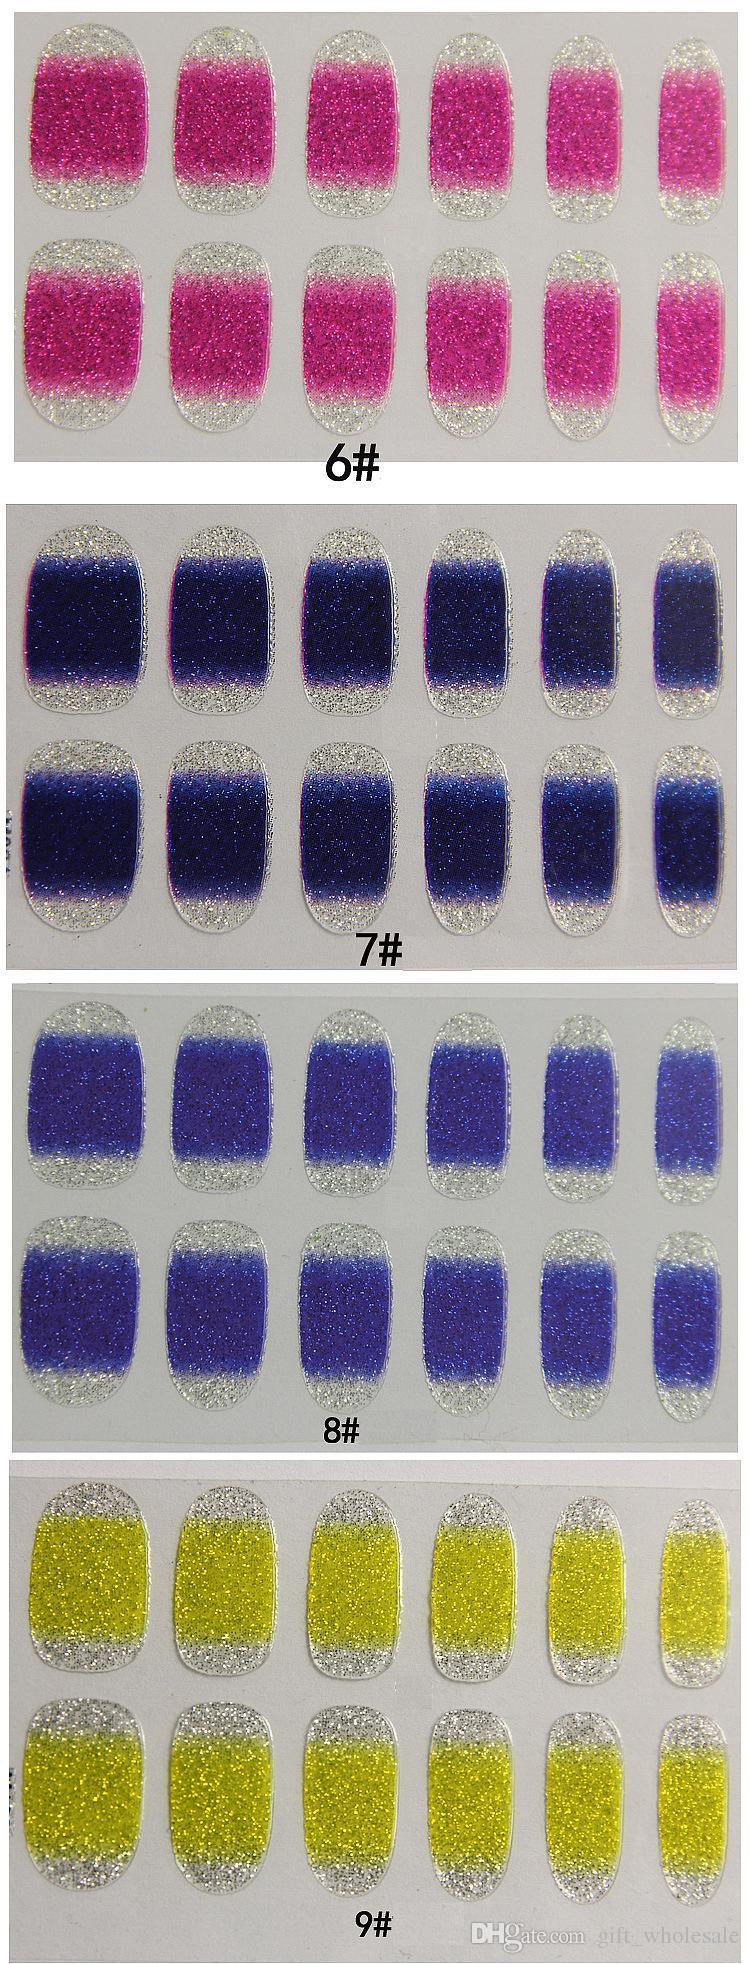 LIVRAISON GRATUITE ! Nouveau Gradient Couleur Nail Stickers Classique Mignon Art Autocollants DIY Décorations Feuilles Wraps En Gros Nail Outils